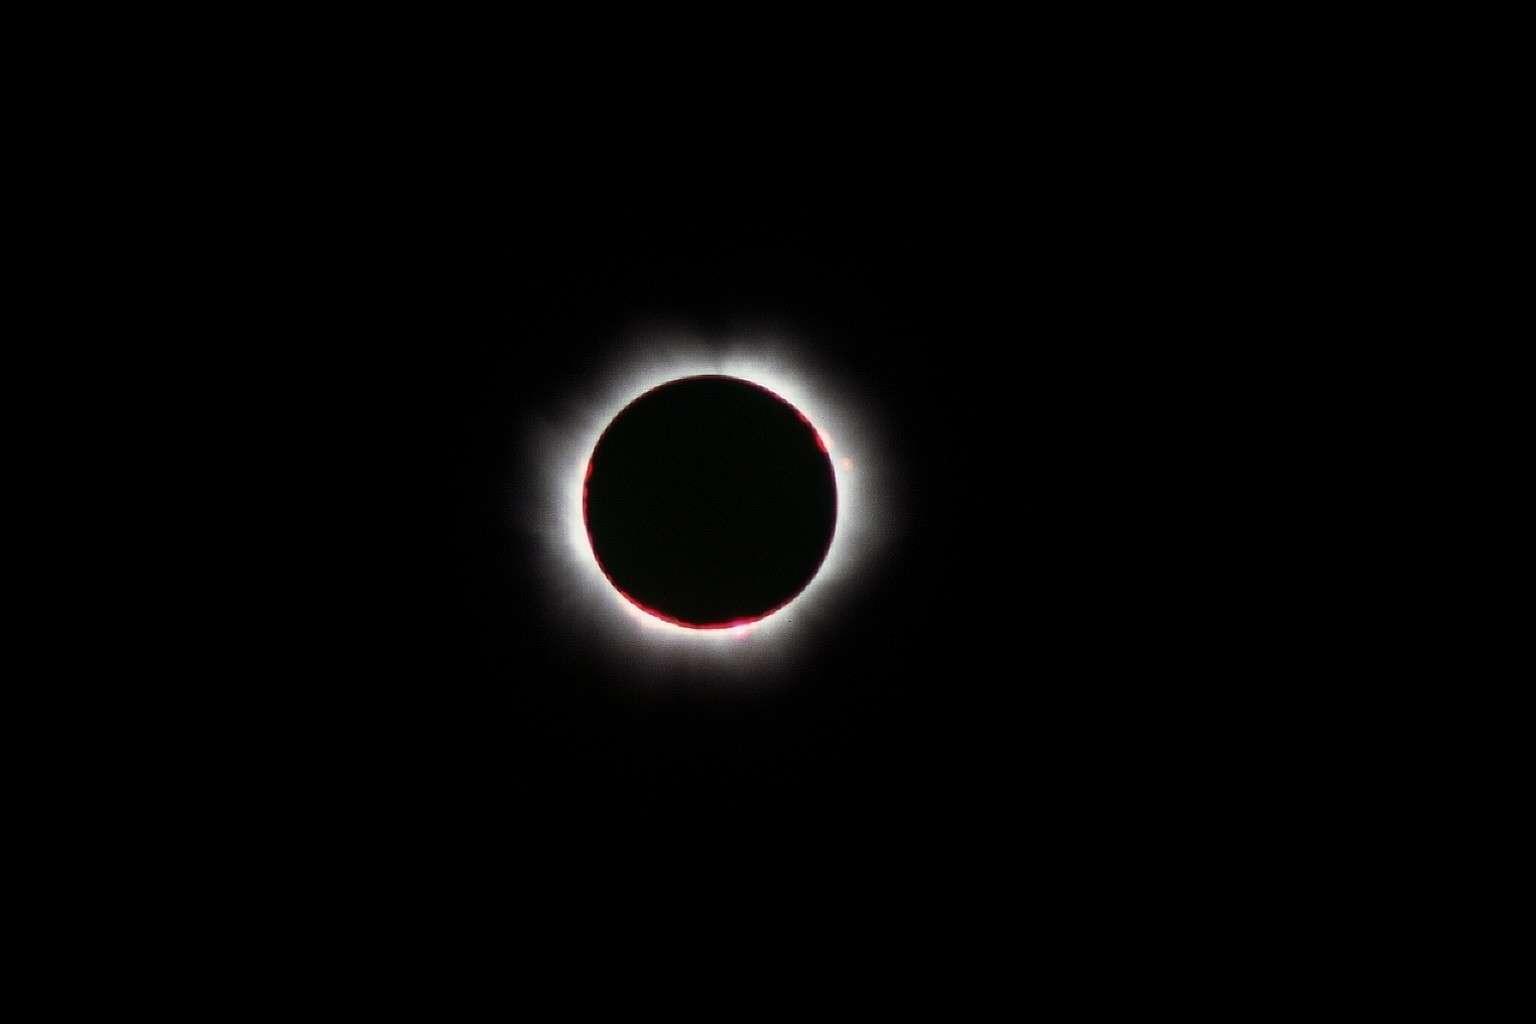 Le 11 août 1999, l'éclipse totale de Soleil observable en France avait donné lieu à quelques prophéties farfelues. On peut assurer sans prendre trop de risques que décembre 2012 ne marquera pas la fin du monde. © Jean-Baptiste Feldmann